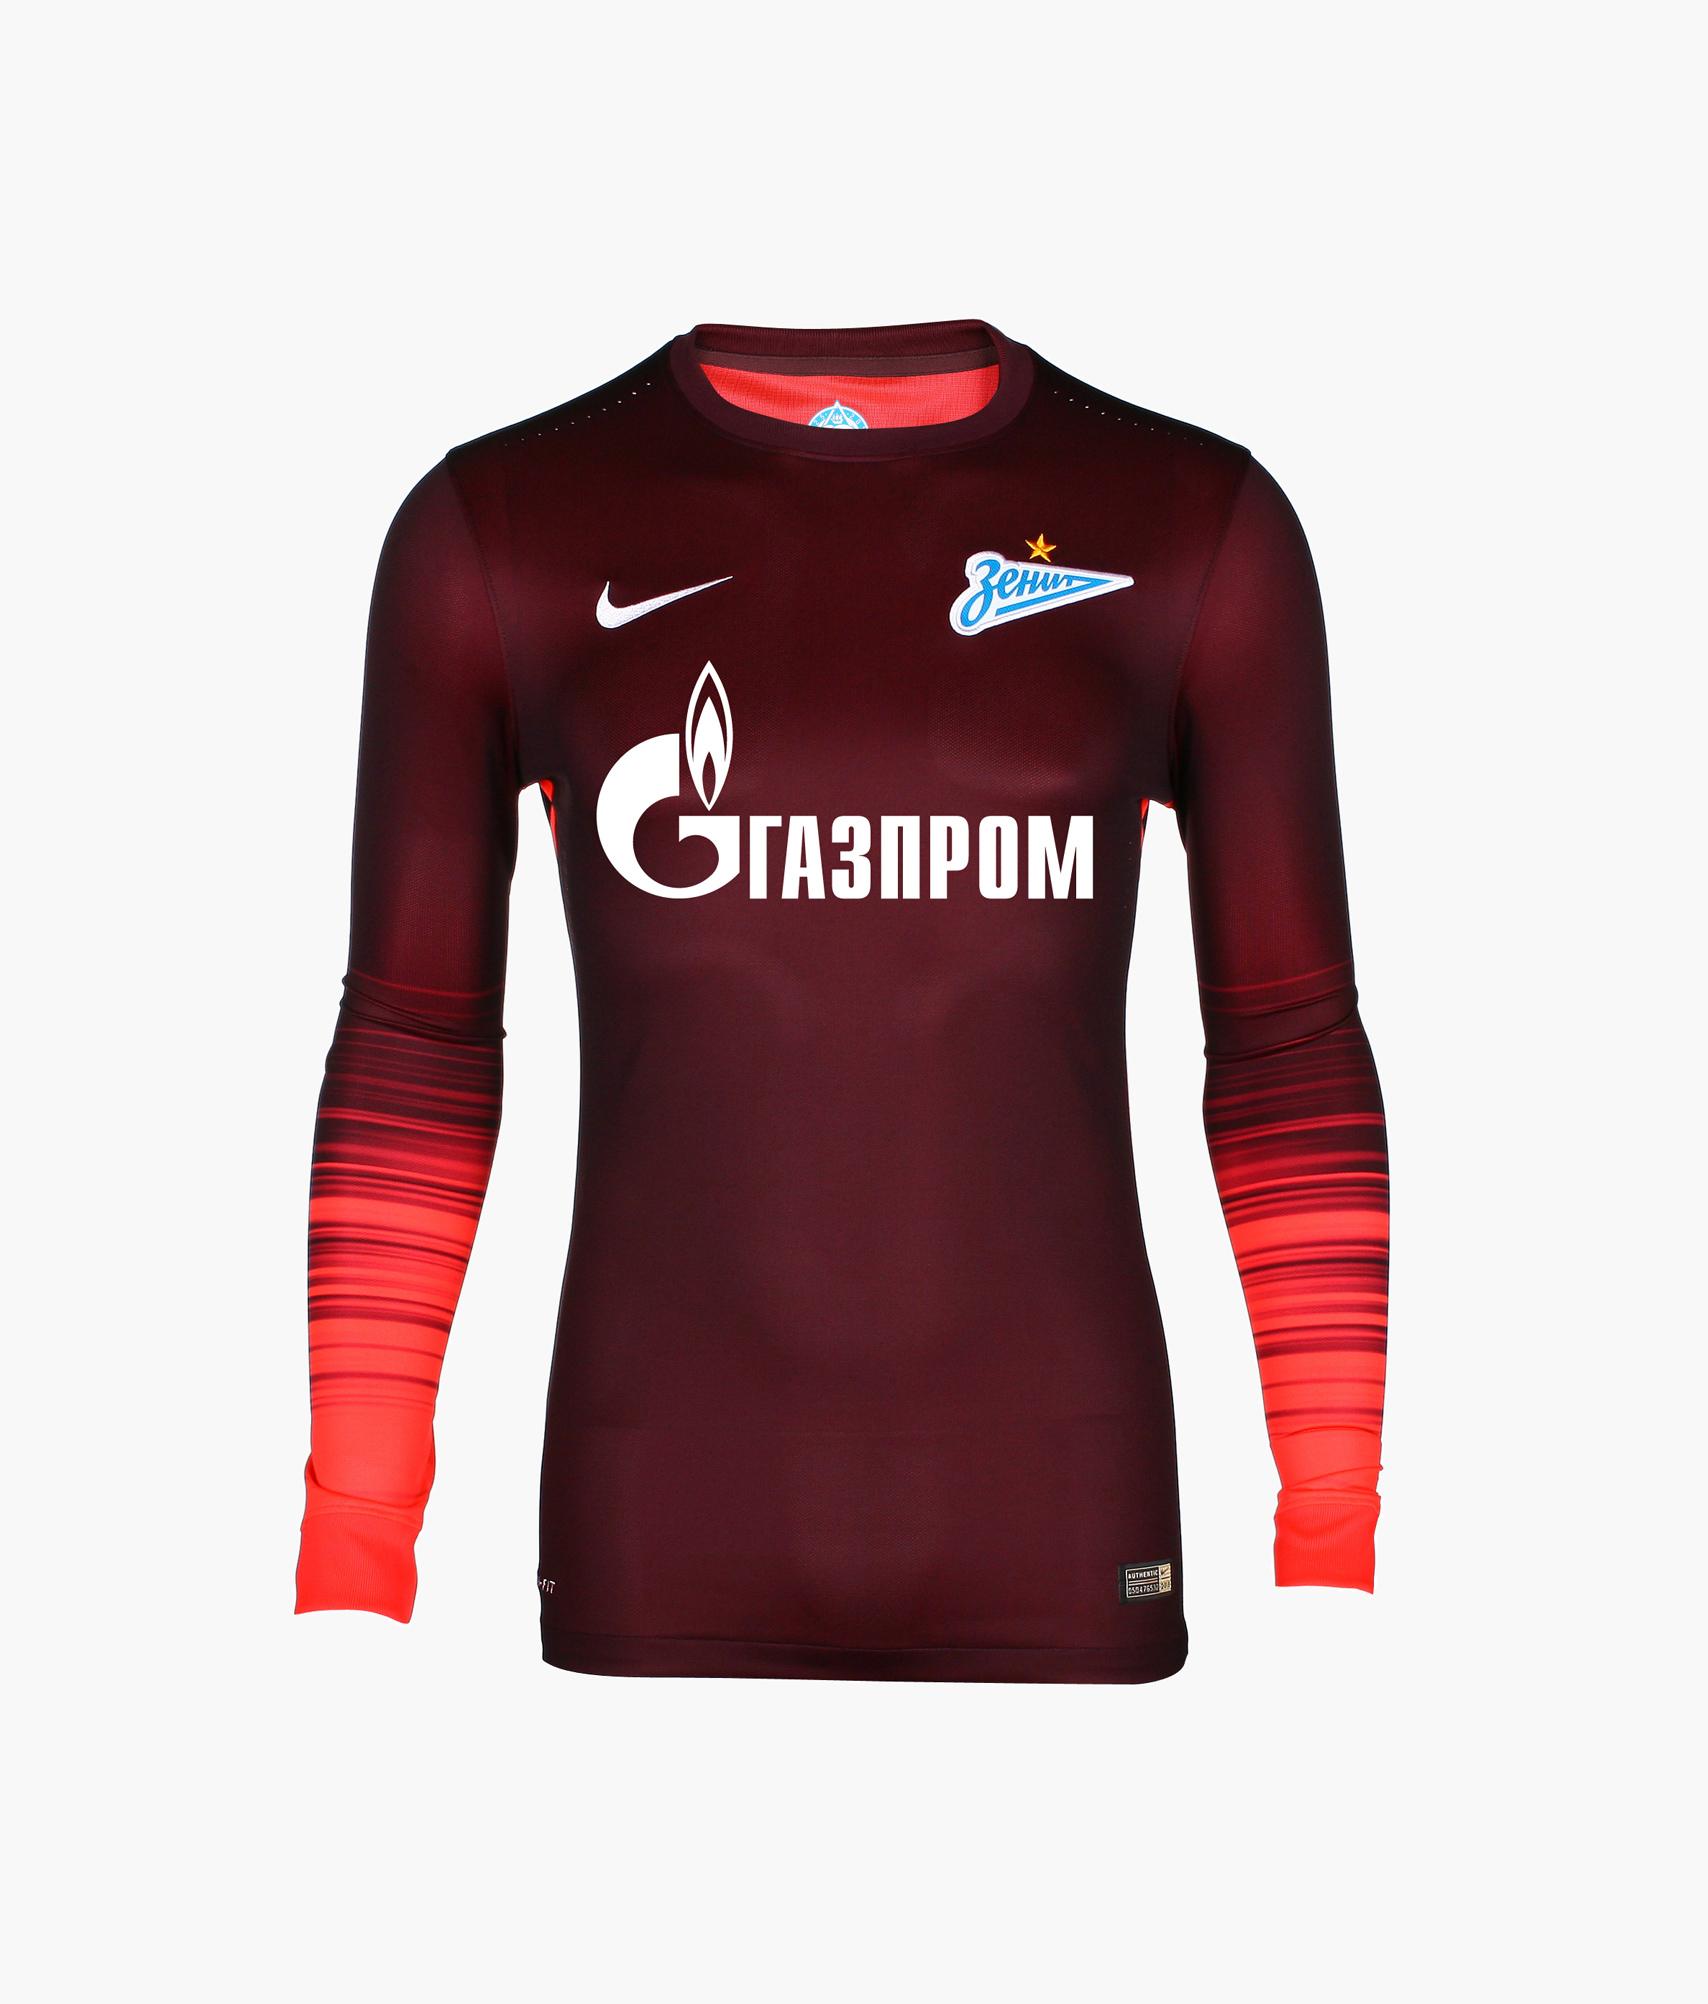 Оригинальная выездная футболка Nike с длинным рукавом Nike Цвет-Бордовый игровая выездная футболка цвет белый размер l